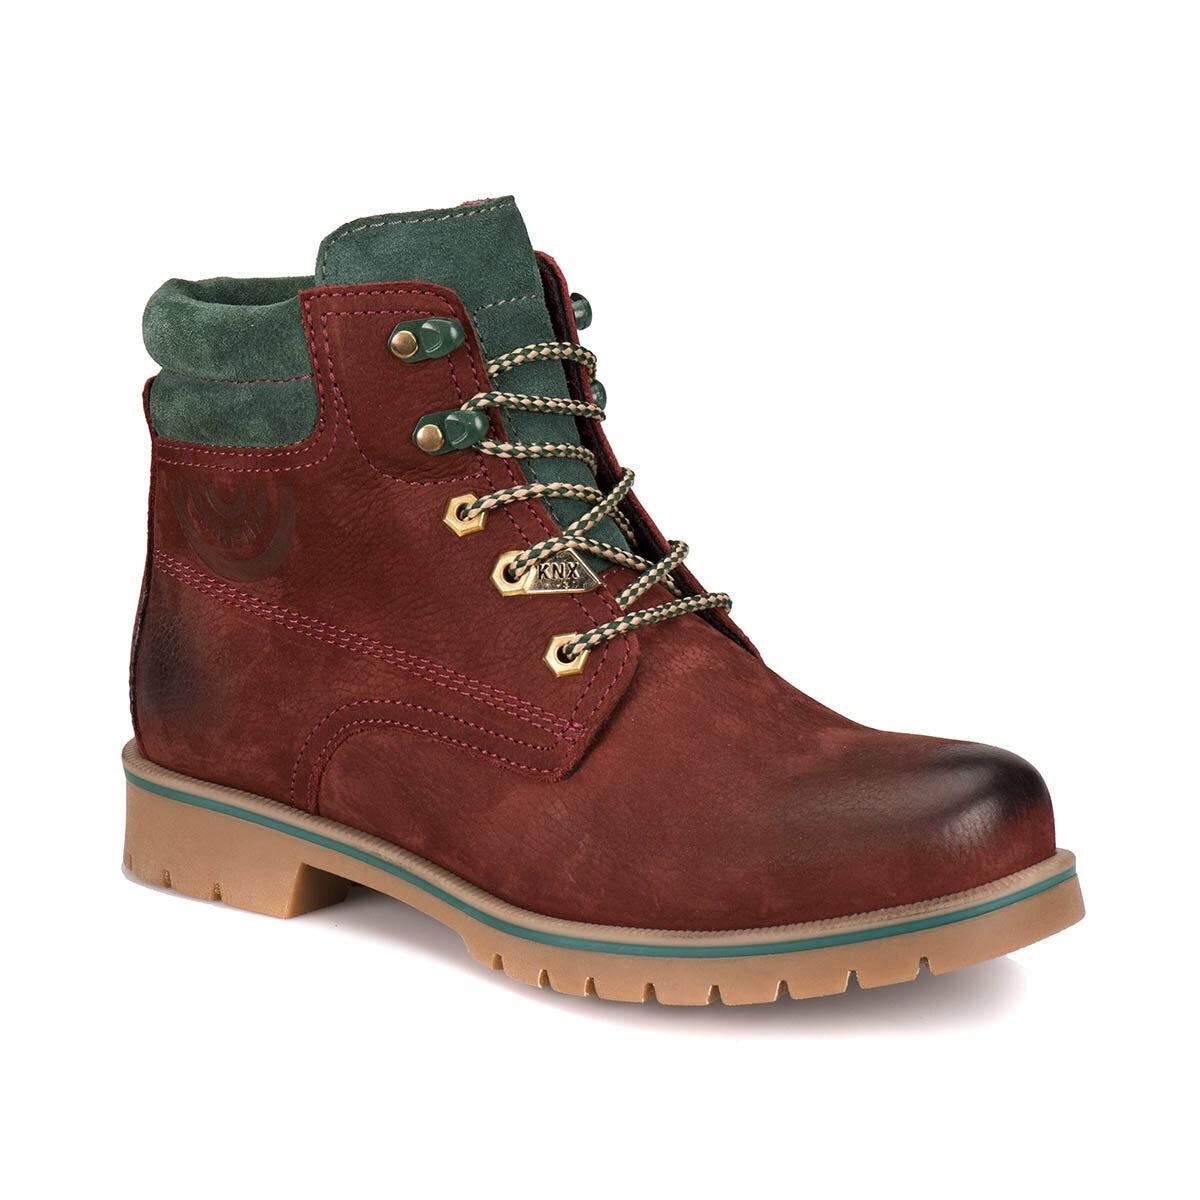 FLO botas de Color rojo oscuro invierno temporada de otoño de moda de los hombres cómodos botas calzado informal Мужские ботинки A1305068 KINETIX